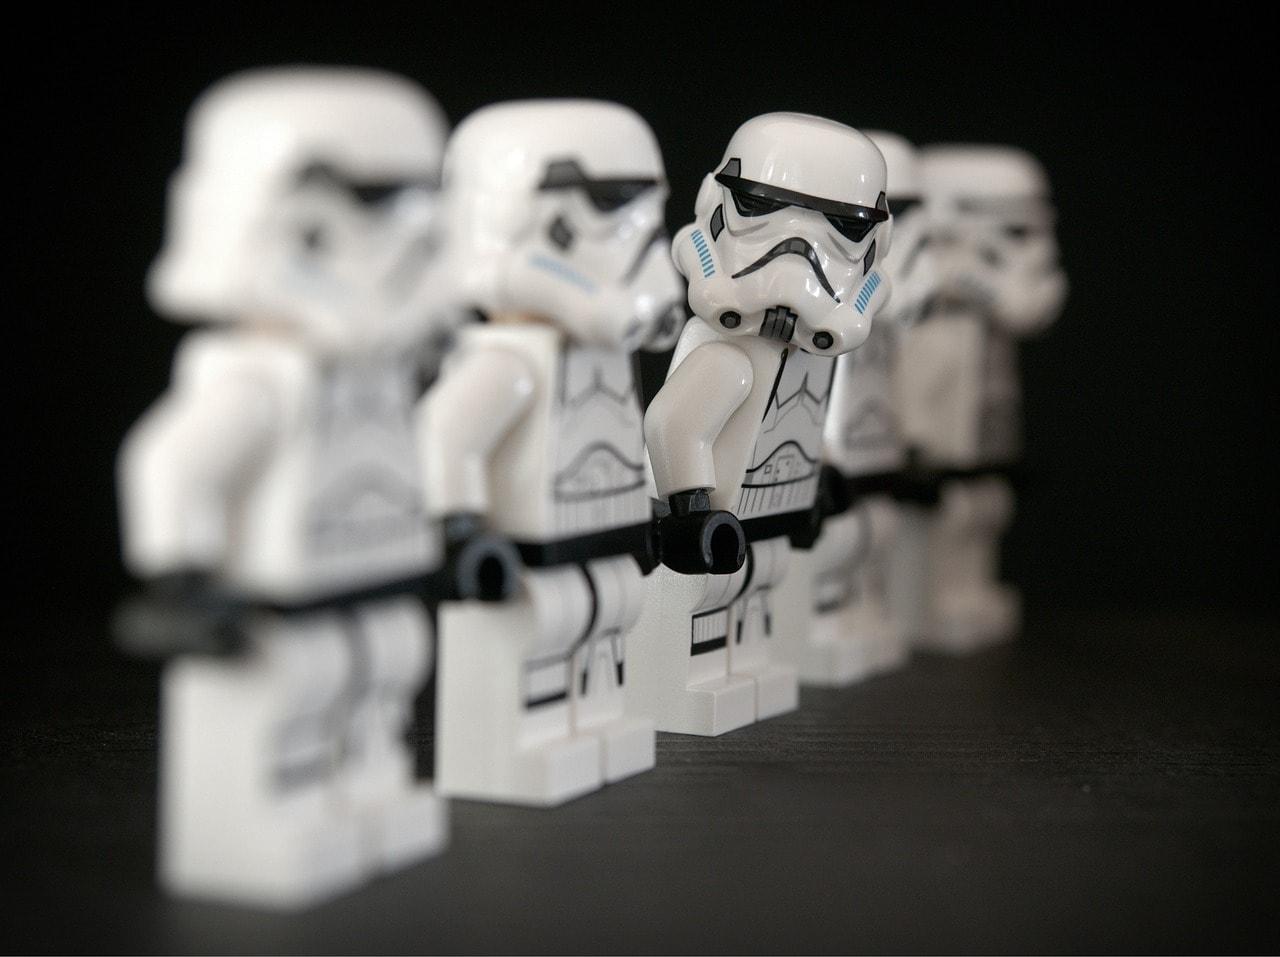 stormtrooper 1343877 1280